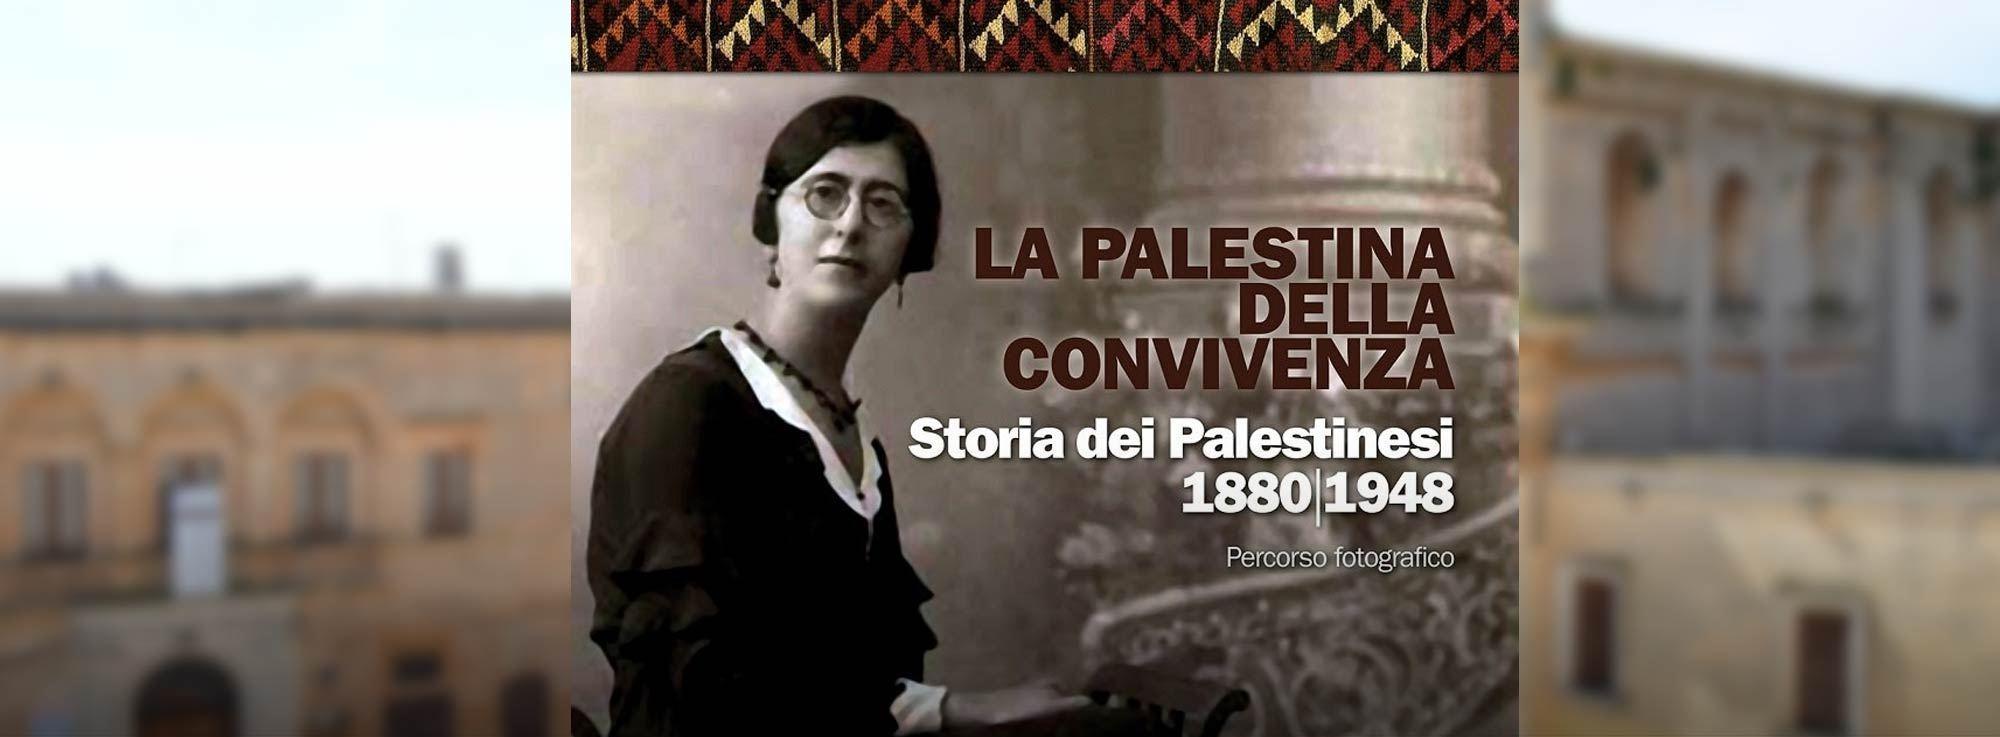 Mesagne: La Palestina della convivenza (1880 - 1948)